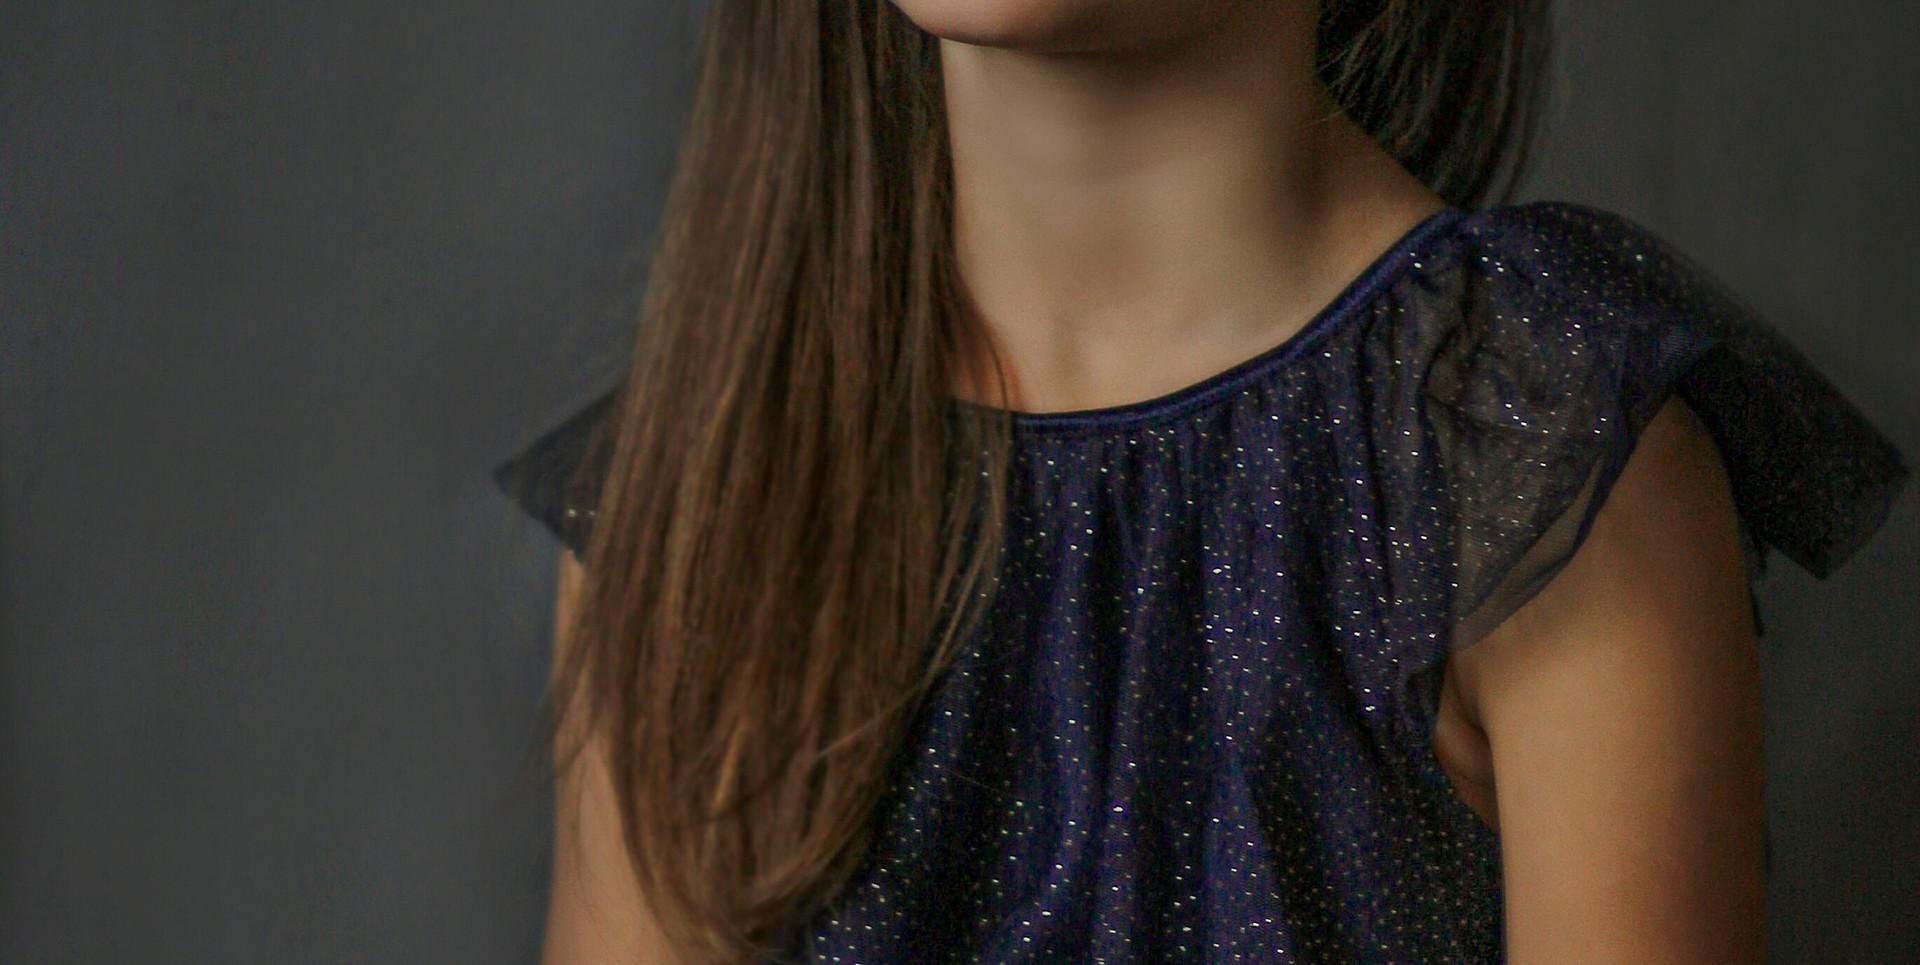 Natalia Demidova